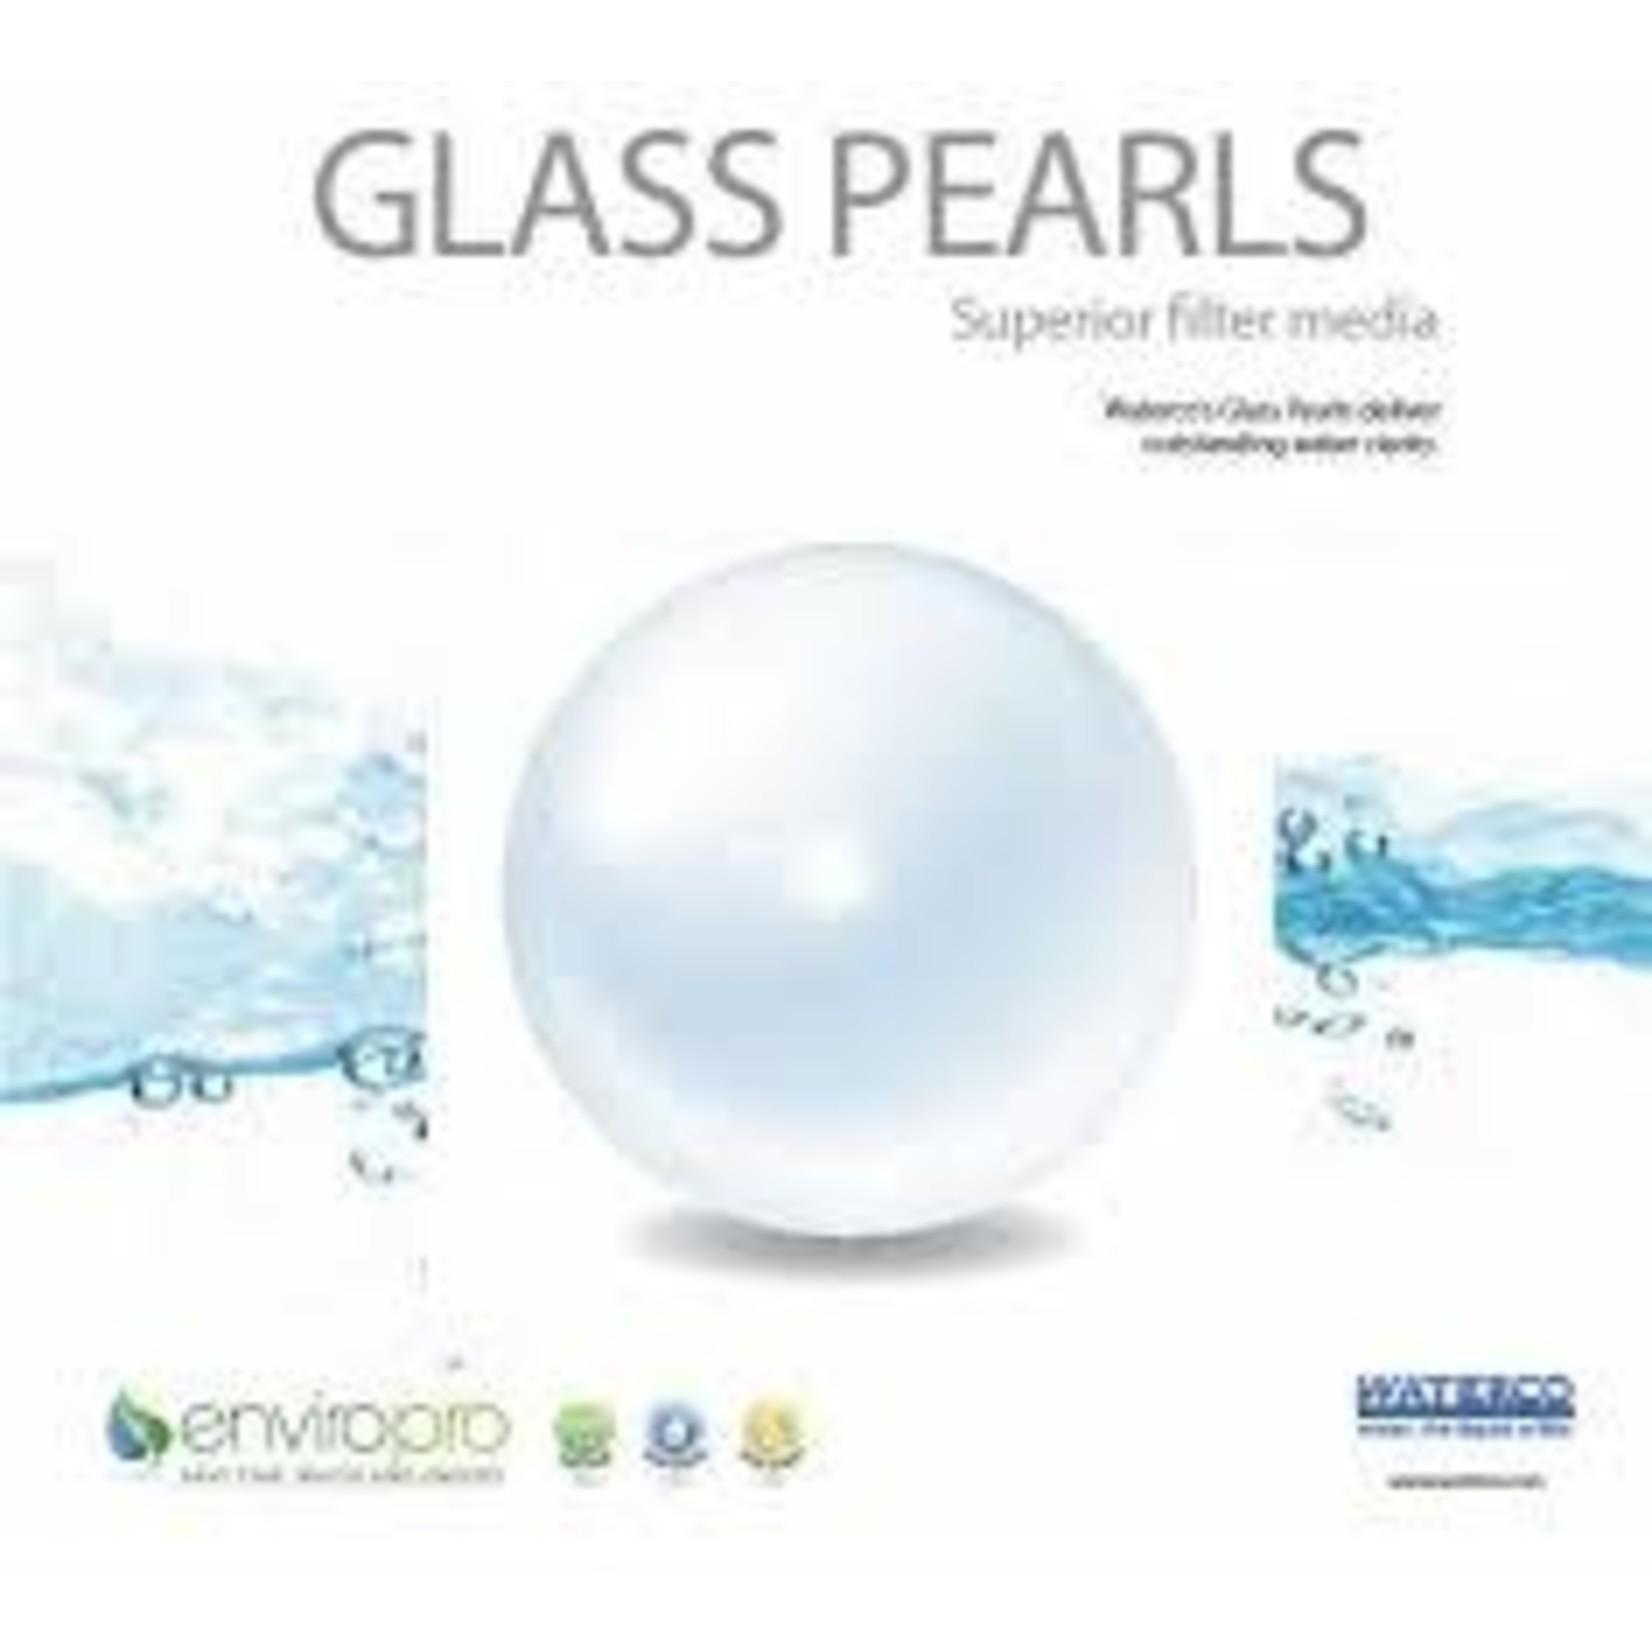 GLASS PEARLS WATERCO  20KG BAG